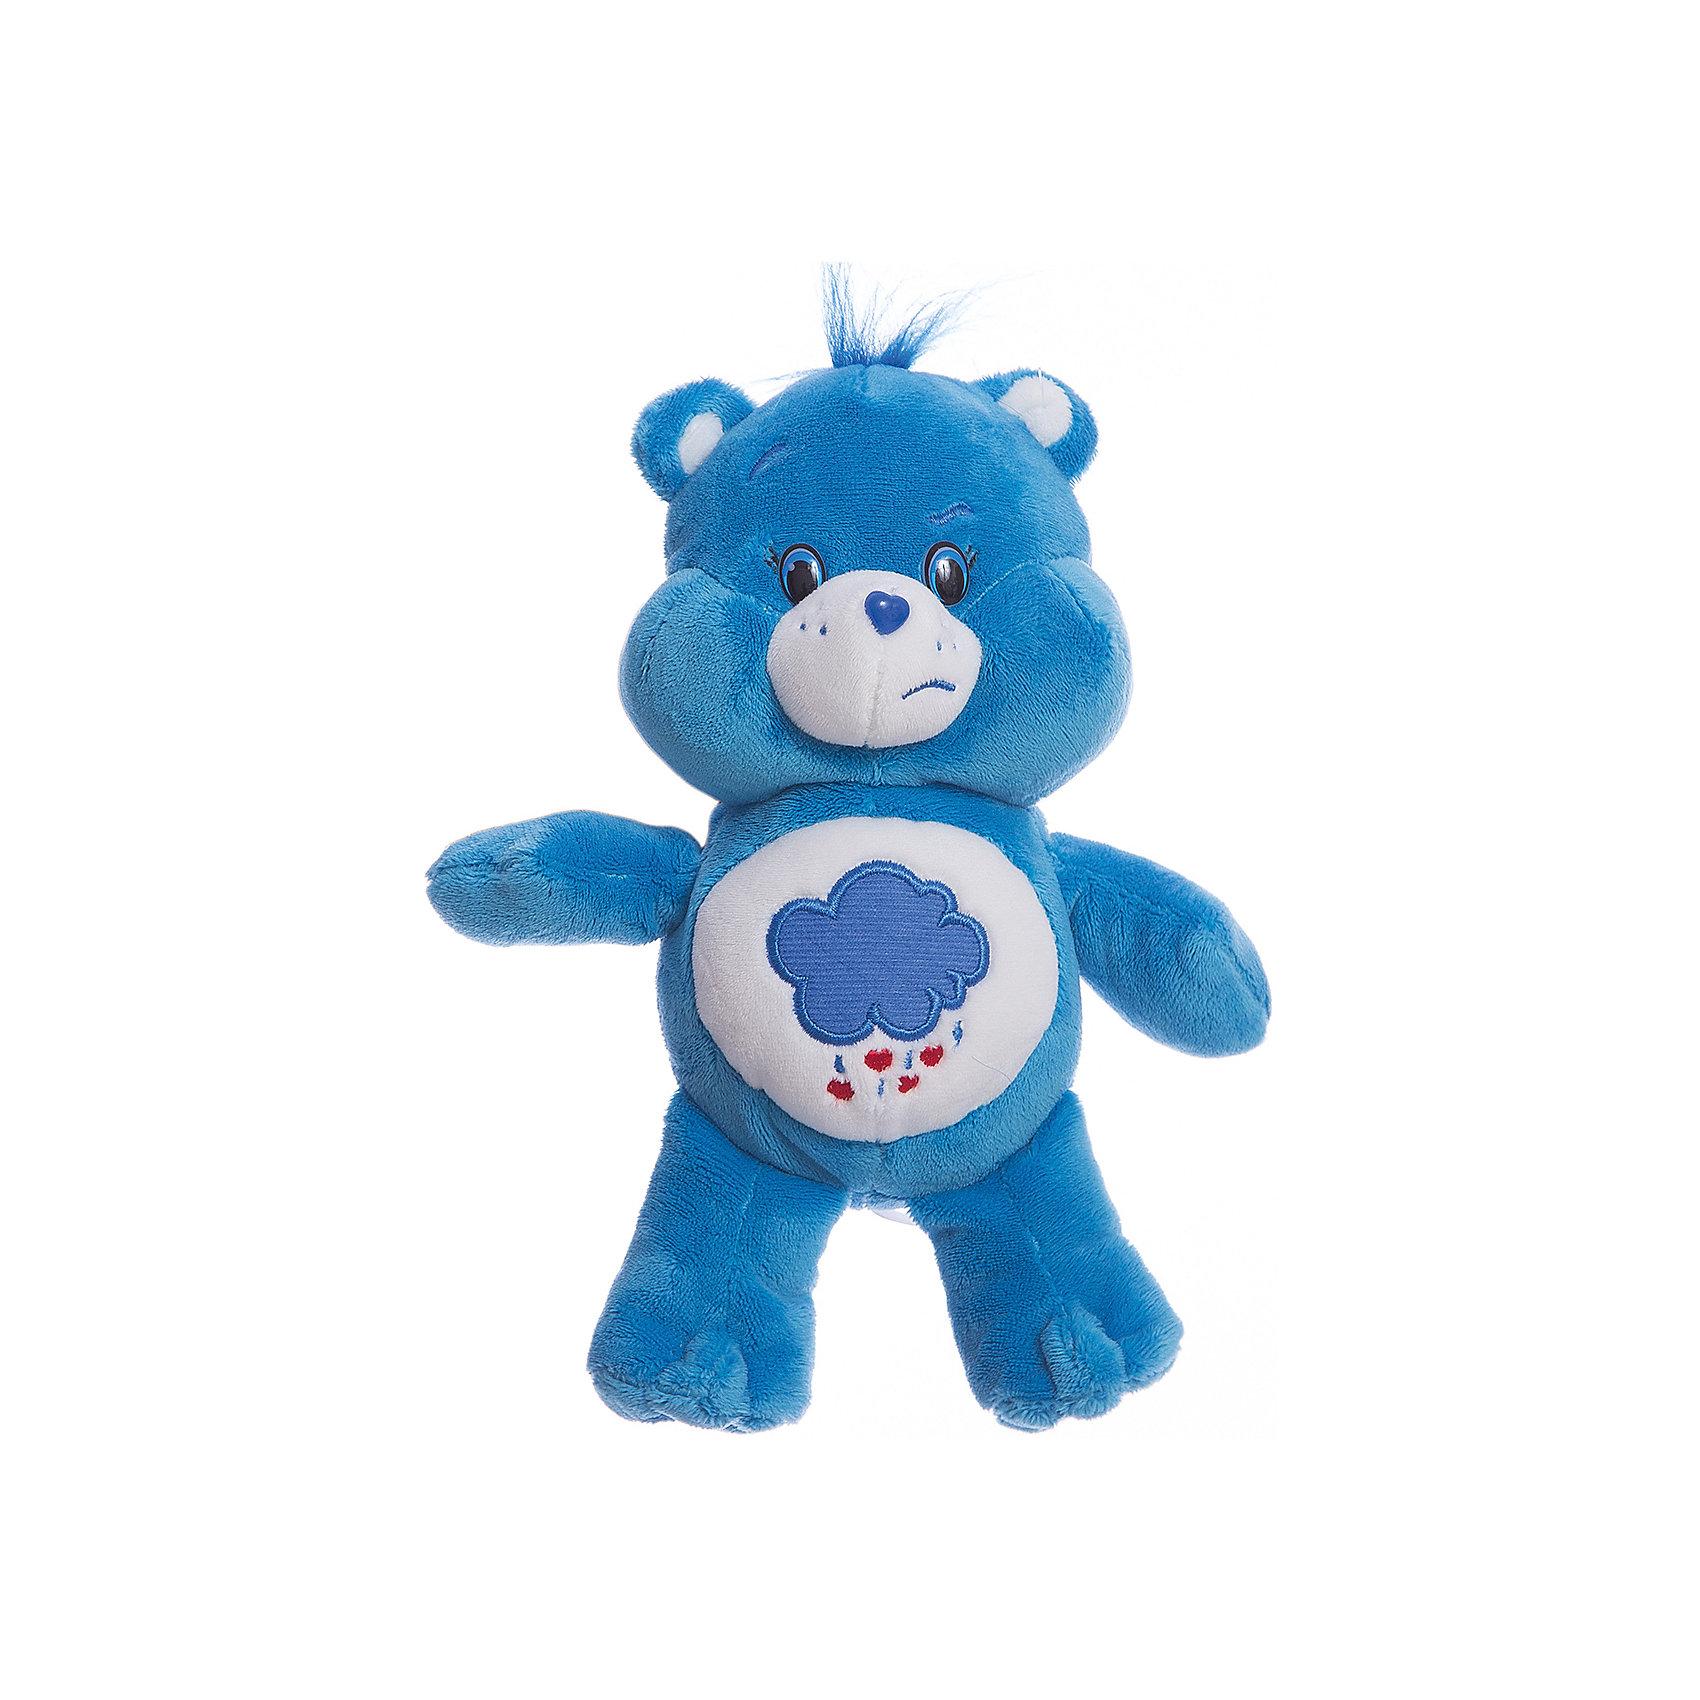 Мягкая игрушка Ворчун, Заботливые мишки, 20 смМишка Ворчун, несмотря на свое неприветливое имя, в действительности очень милый и обаятельный медвежонок, который может стать верным другом вашему ребенку. Плюшевого приятеля можно взять с собой на прогулку, с ним невероятно весело играть, а как сладко спать в своей мягкой постельке, нежно обнимая любимого медвежонка! Играя и разговаривая с ним, ваш малыш будет развивать воображение и речь, получая удовольствие от общения с очаровательной игрушкой.&#13;<br>Мягкая голубая игрушка Ворчун ТМ Заботливые Мишки высотой 20 см сшита из мягкого, приятного на ощупь плюша, плотно набита. Товар сертифицирован. Упаковка - пакет.<br><br>Ширина мм: 210<br>Глубина мм: 130<br>Высота мм: 85<br>Вес г: 80<br>Возраст от месяцев: 36<br>Возраст до месяцев: 60<br>Пол: Унисекс<br>Возраст: Детский<br>SKU: 5471897